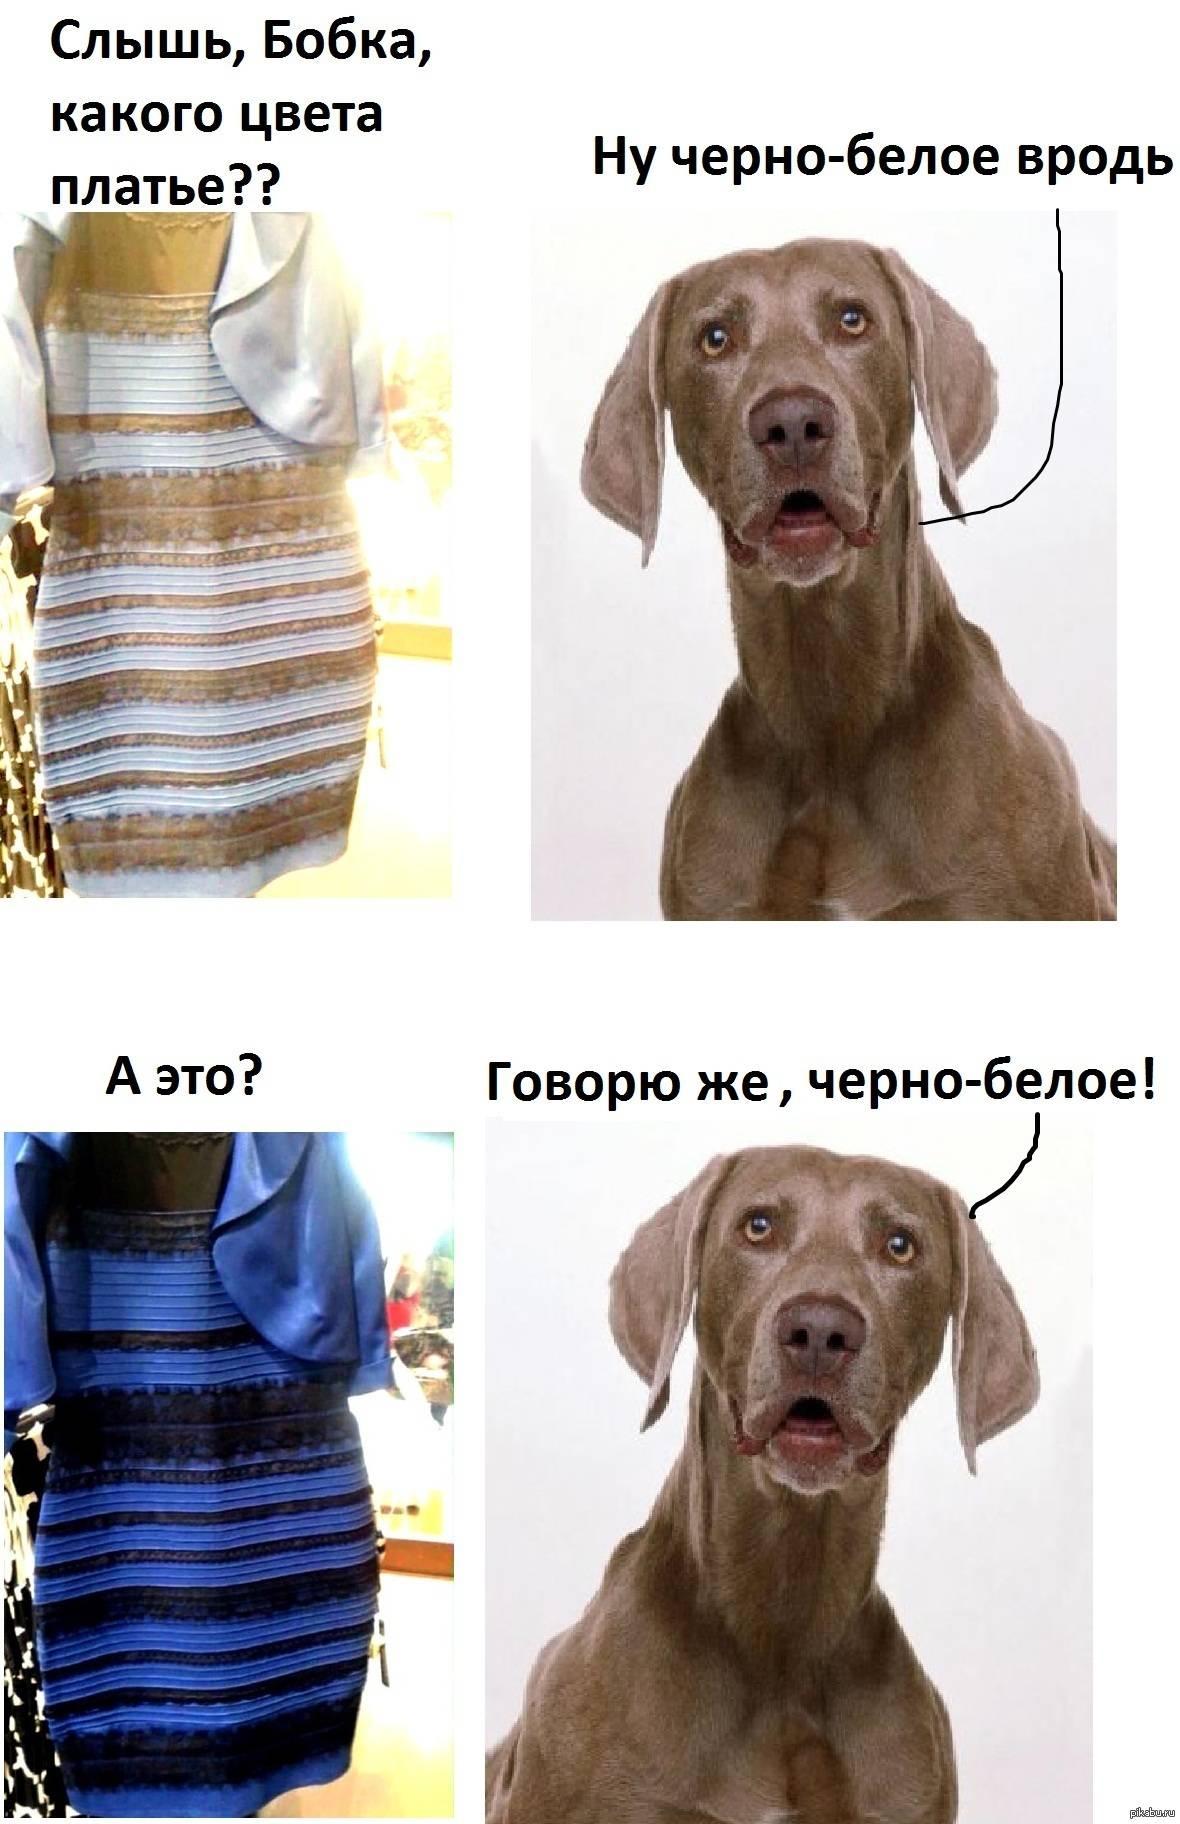 Как животные видят? какие цвета различают?